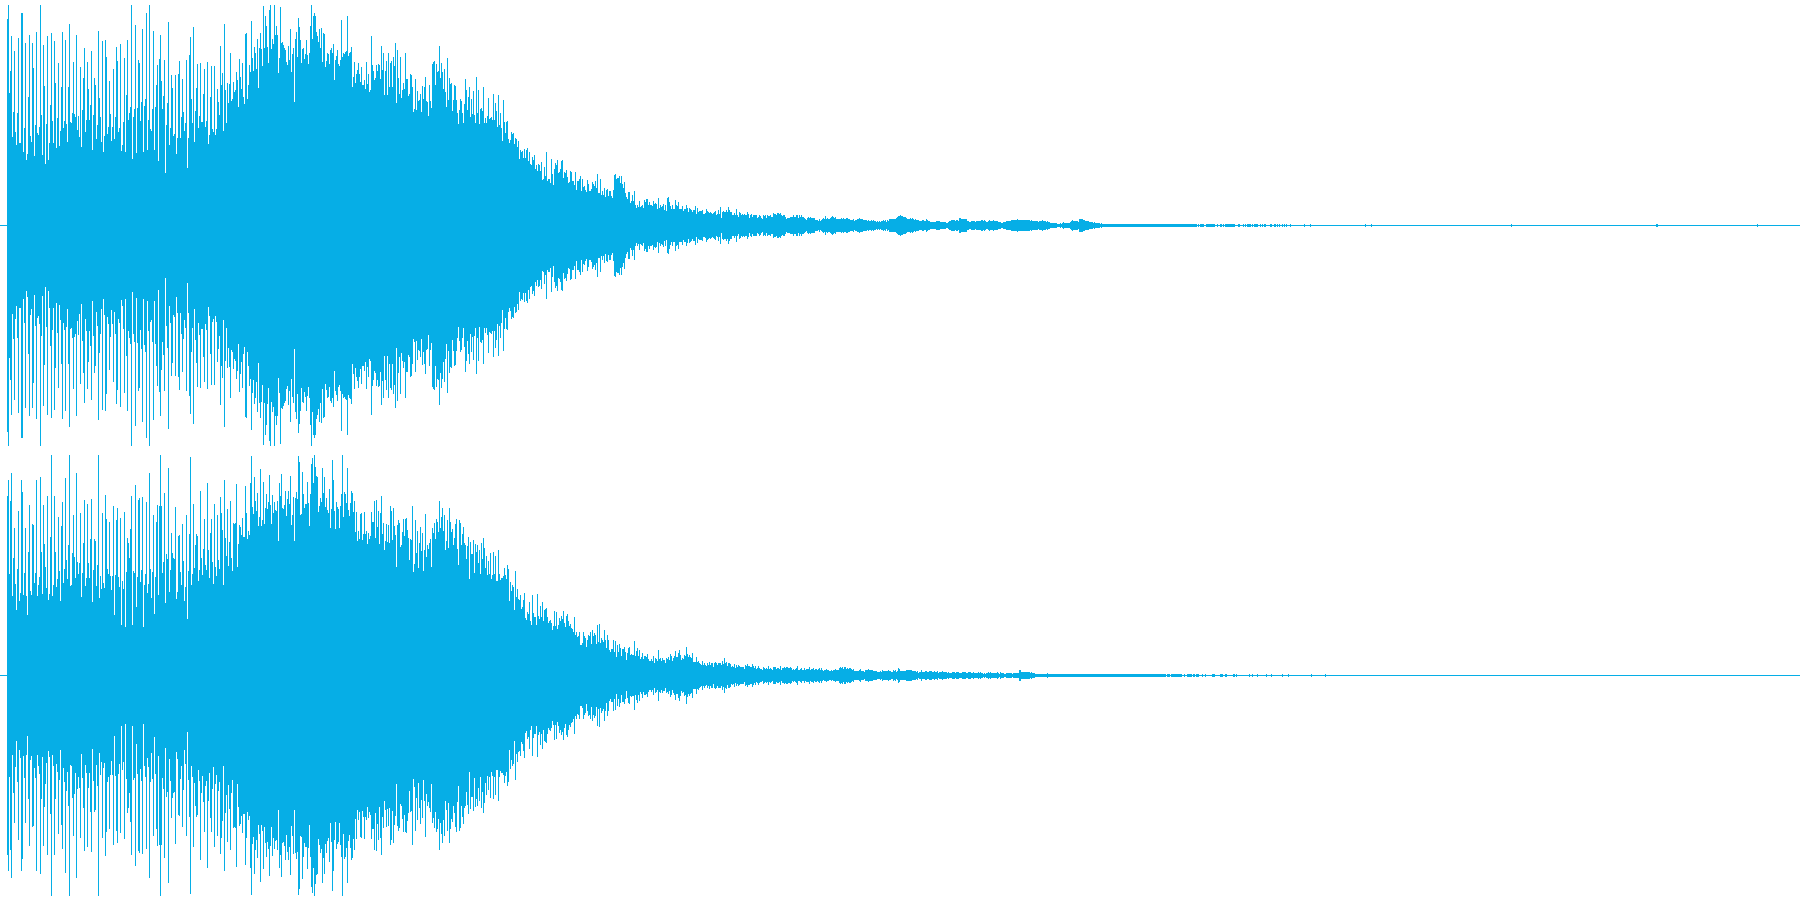 スタイリッシュ・洗練アイキャッチジングルの再生済みの波形